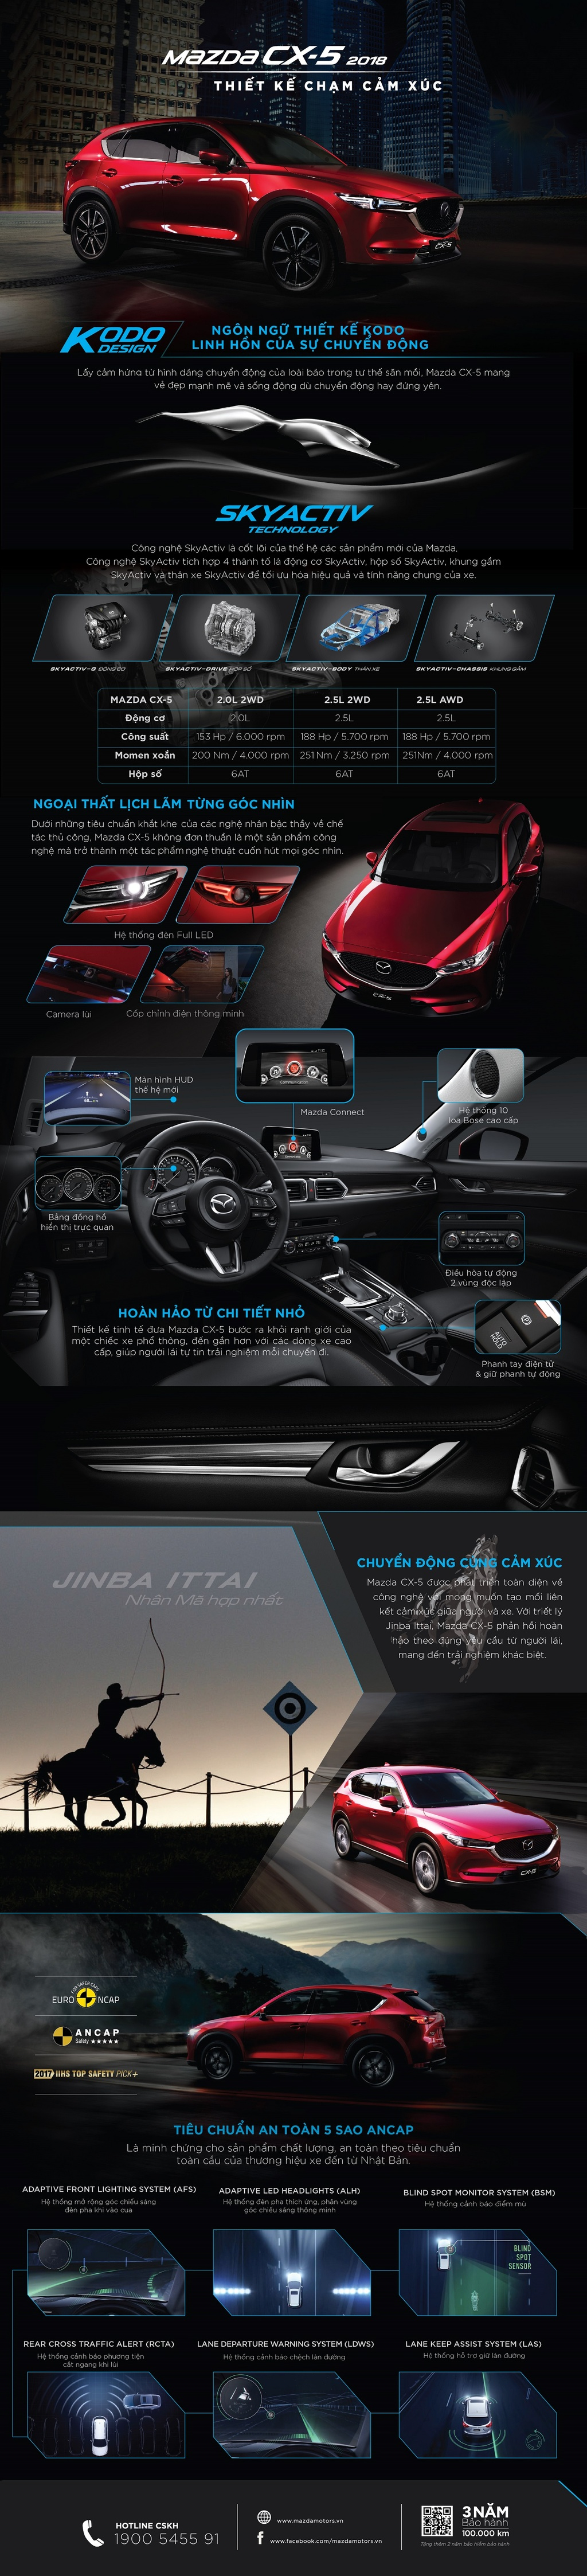 Uu diem giup Mazda CX-5 vuot moc doanh so hon 30.000 xe hinh anh 1